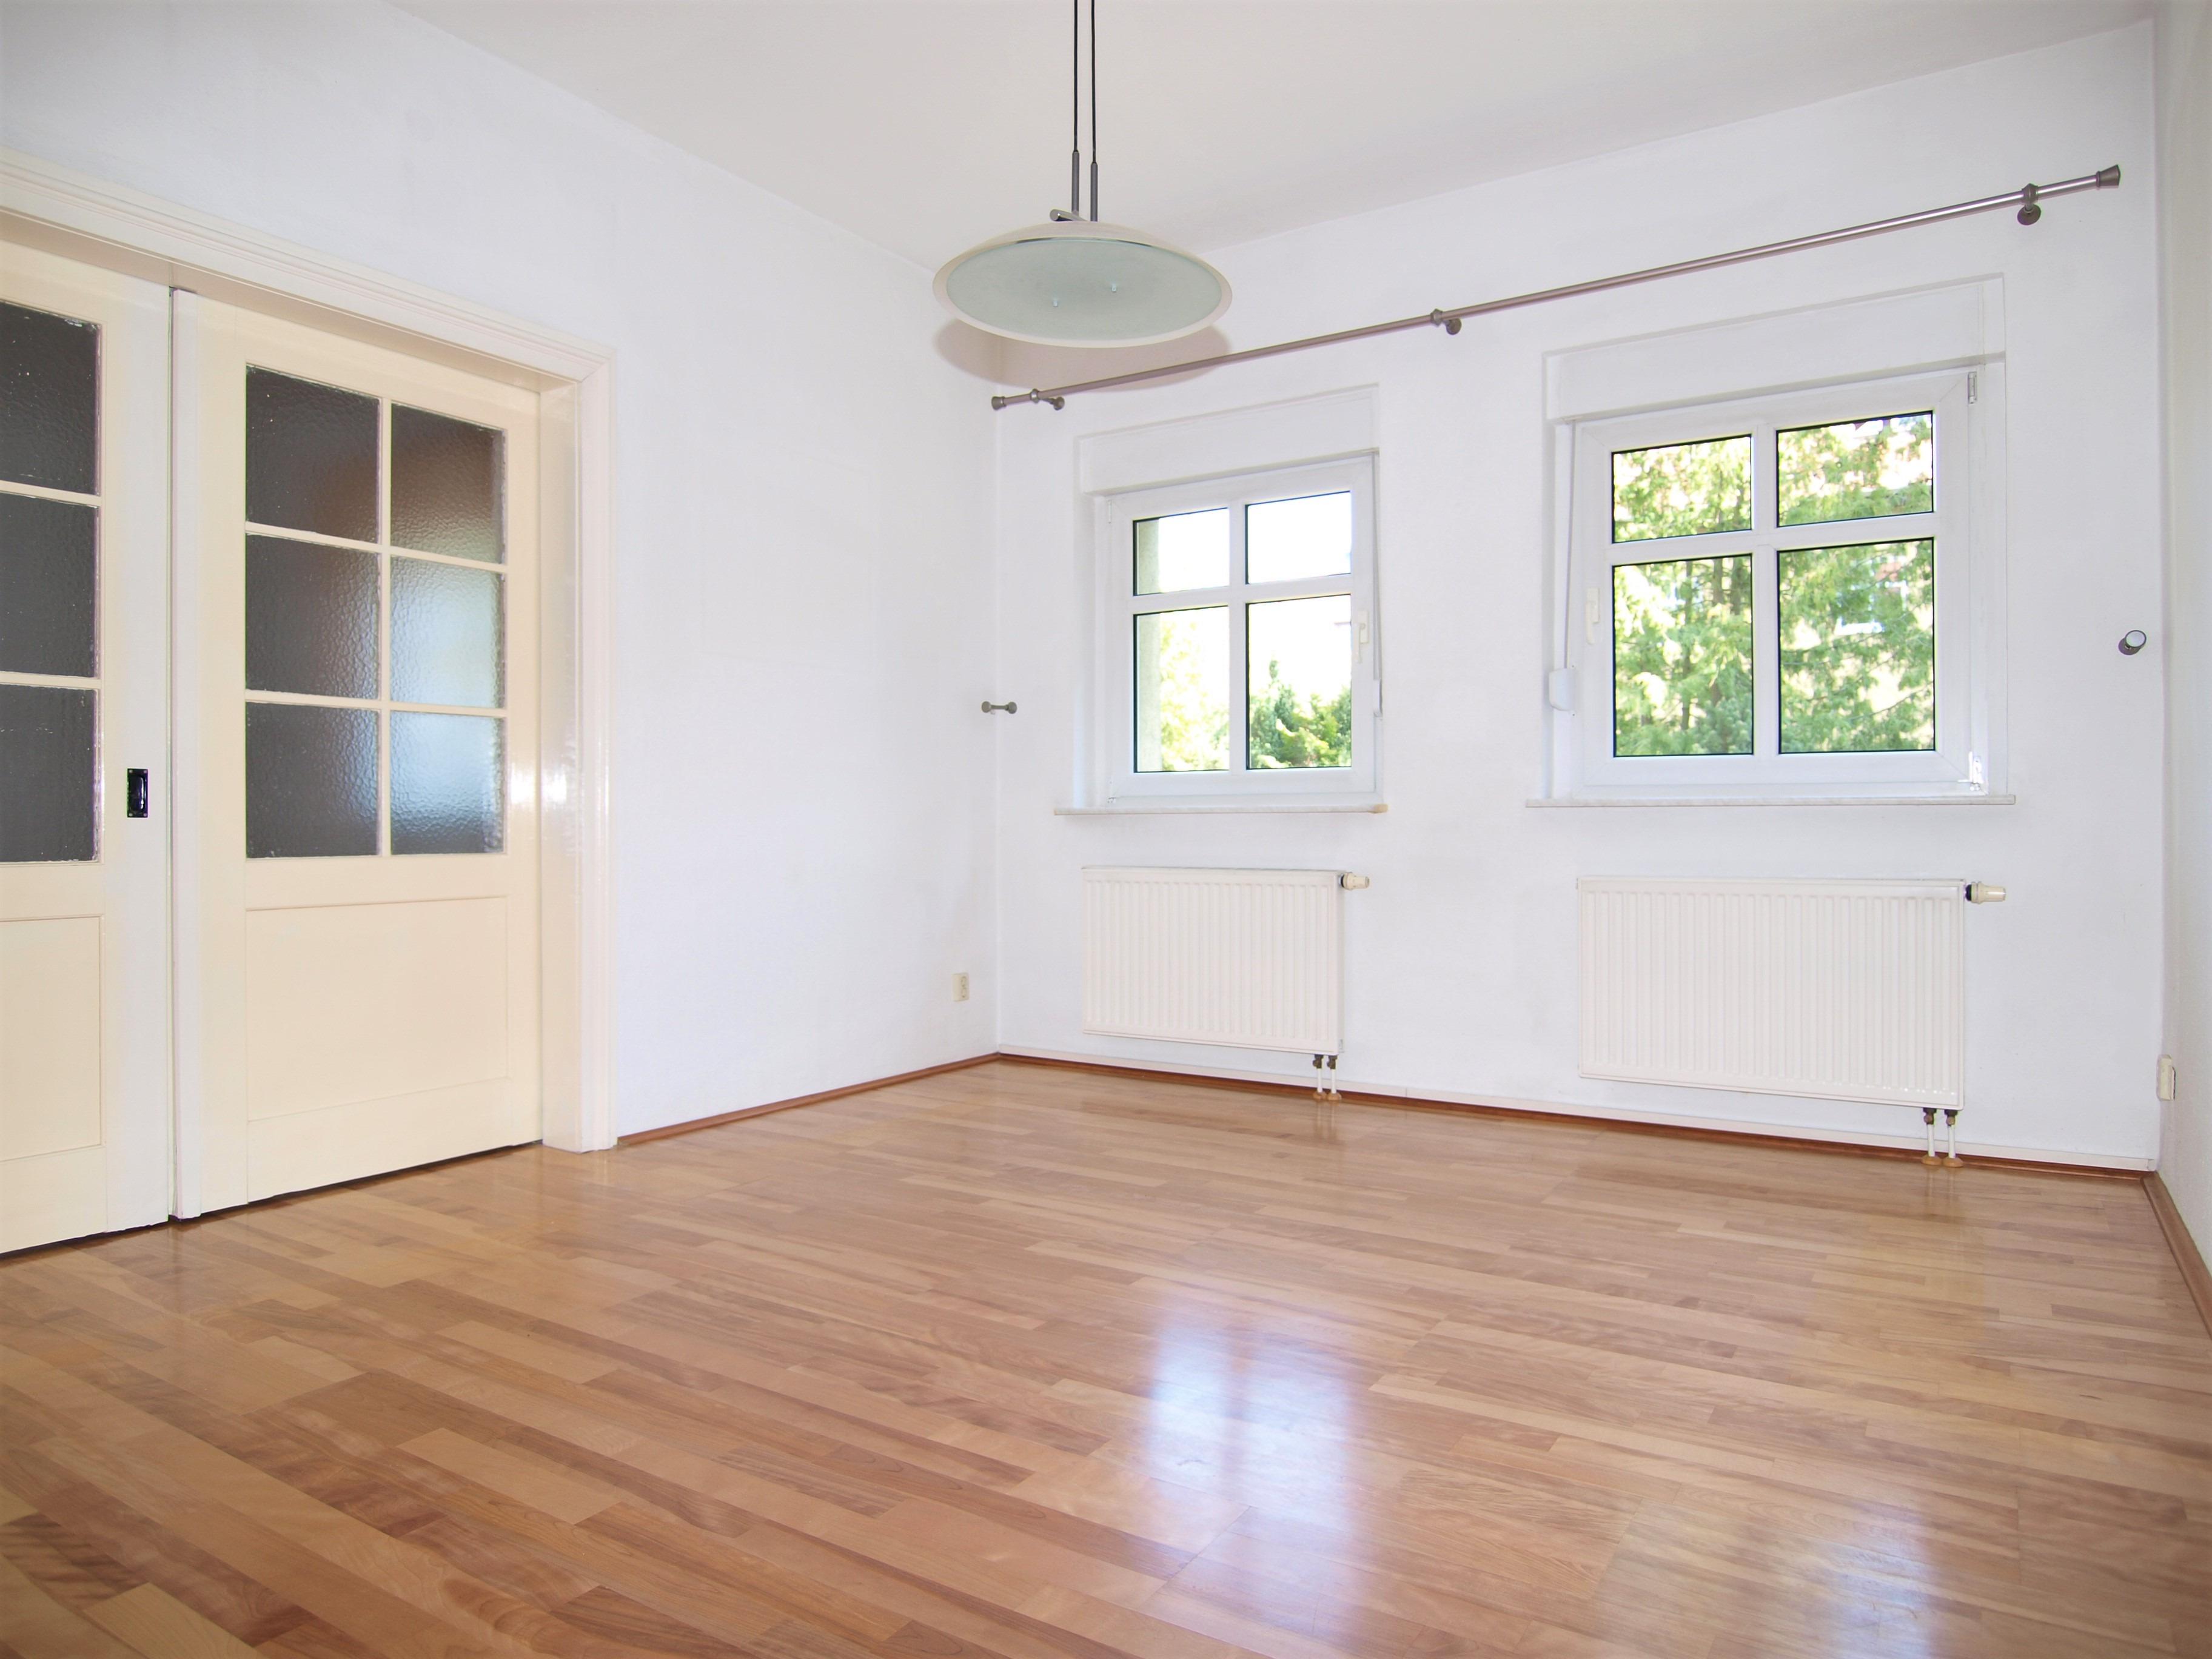 Eigentumswohnung Halle - Wohnzimmer Detailansicht